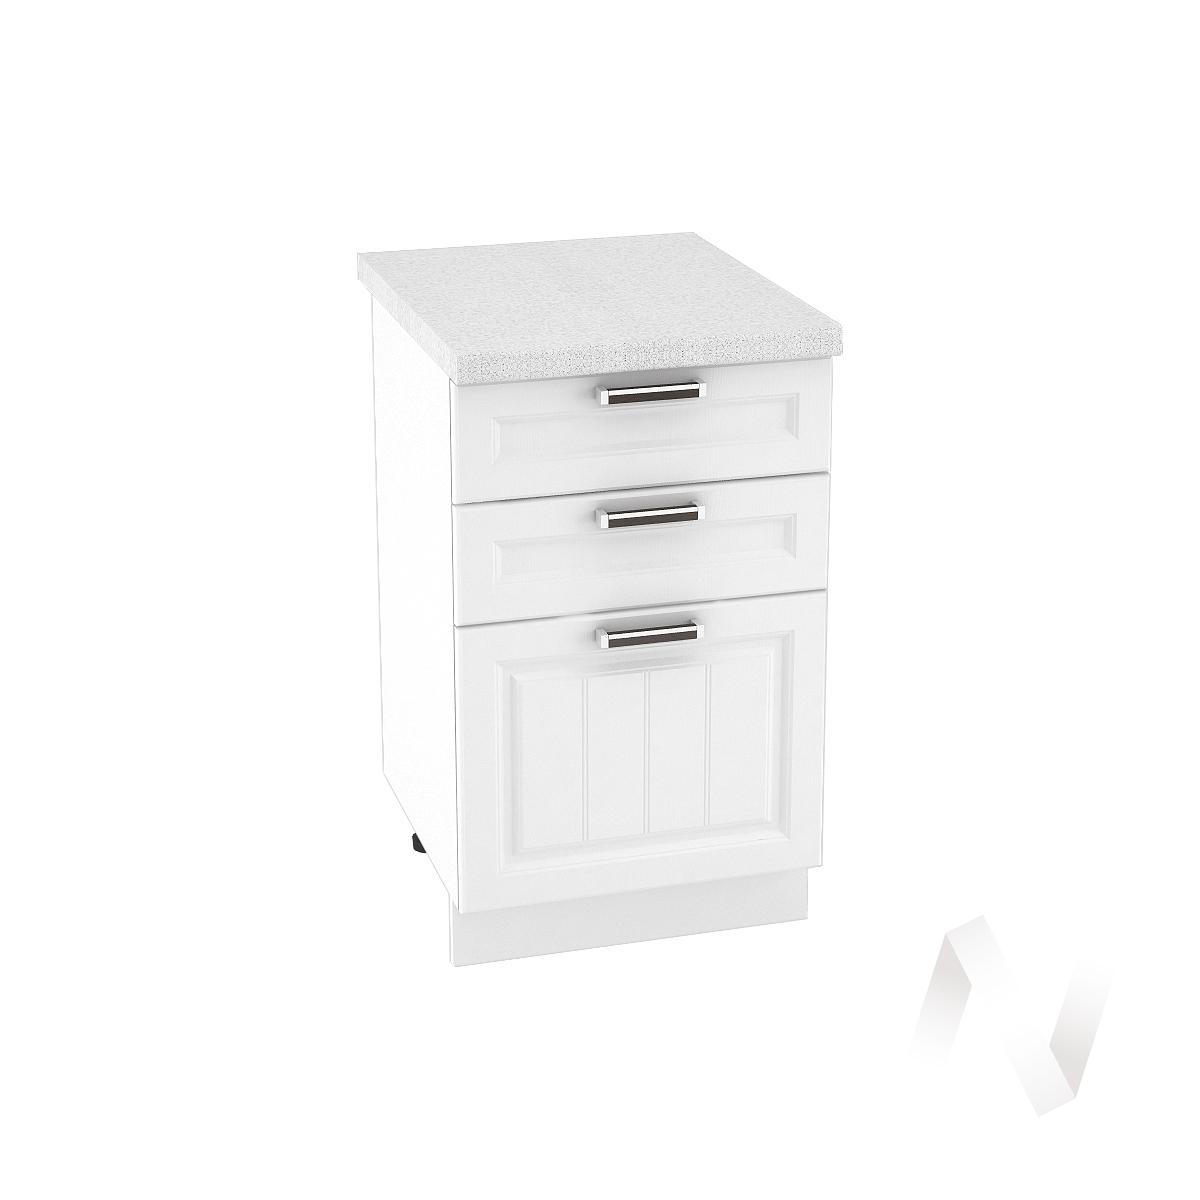 """Кухня """"Прага"""": Шкаф нижний с 3-мя ящиками 500, ШН3Я 500 (белое дерево/корпус белый)"""